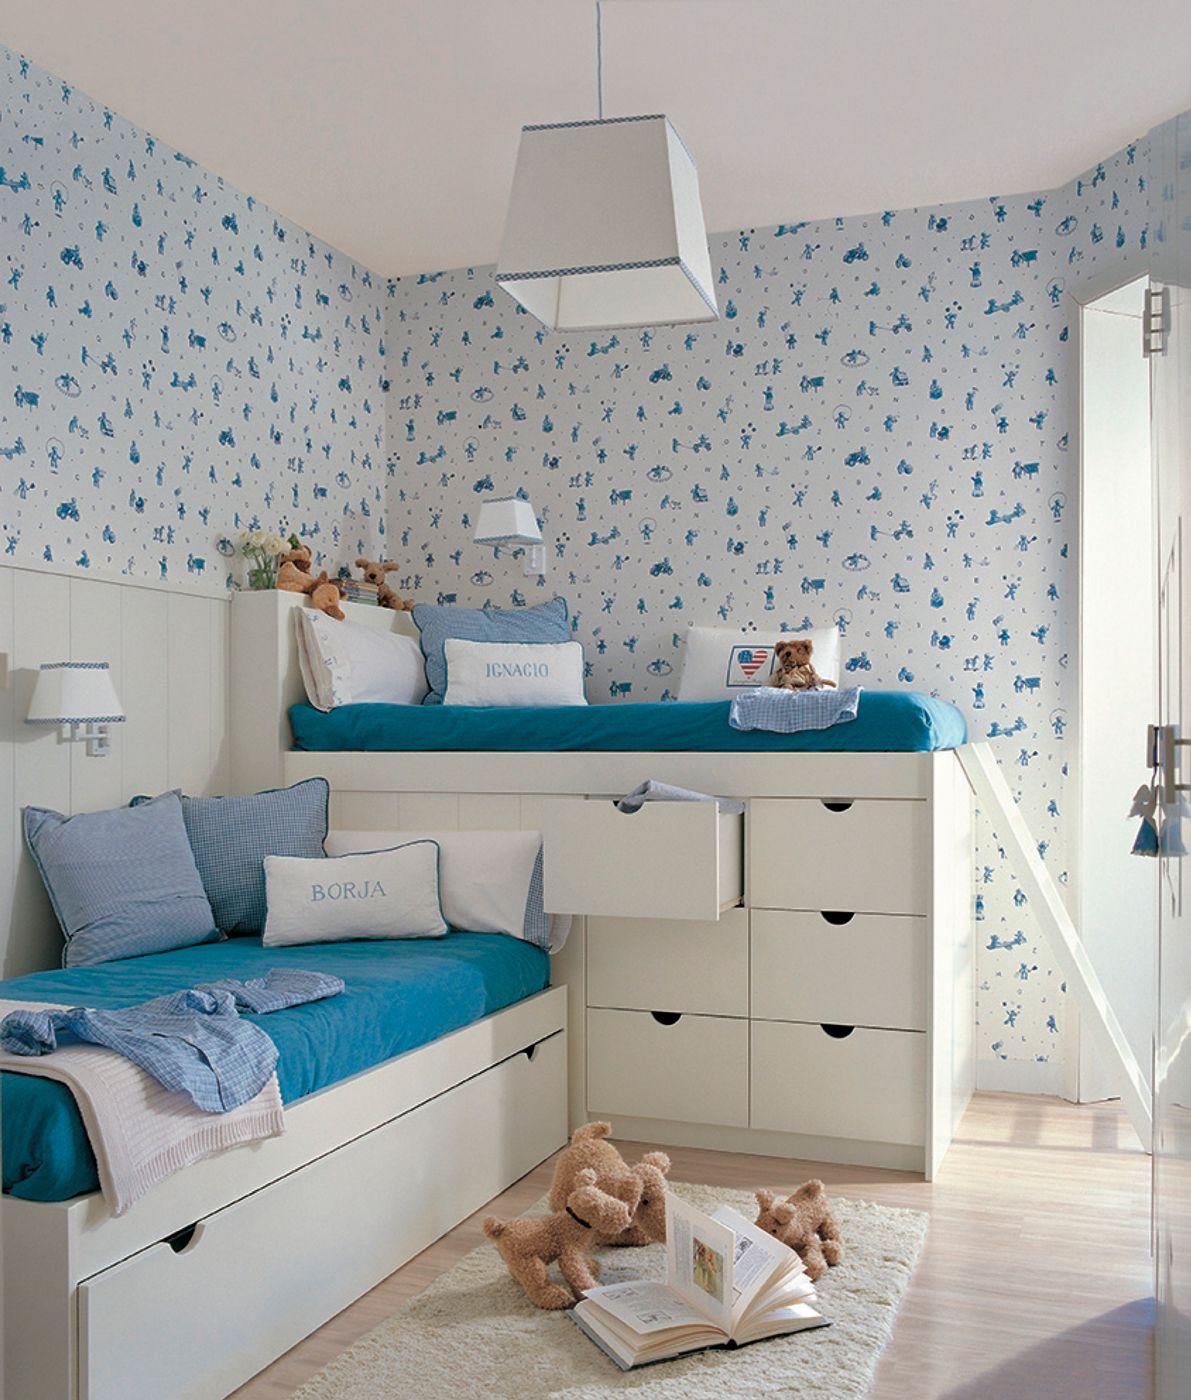 Solo cambia el color pero parece otra dormitorios - Dormitorios infantiles dobles ...